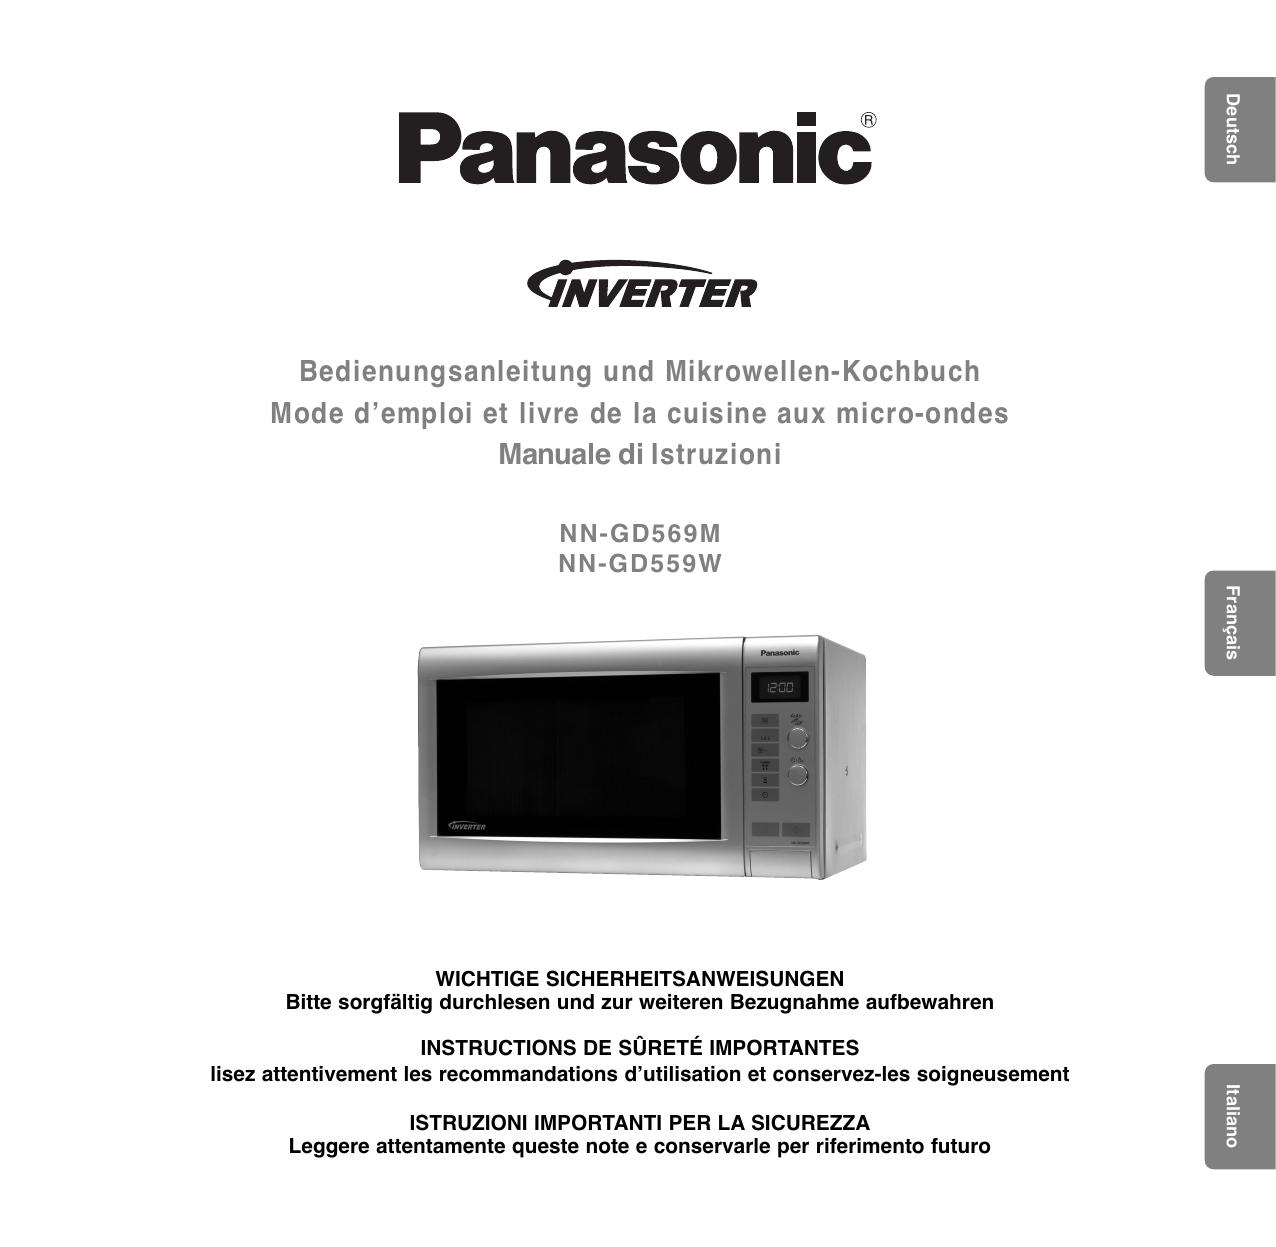 Mobiletto Per Appoggiare Microonde panasonic nngd559wwpg istruzioni per l'uso   manualzz